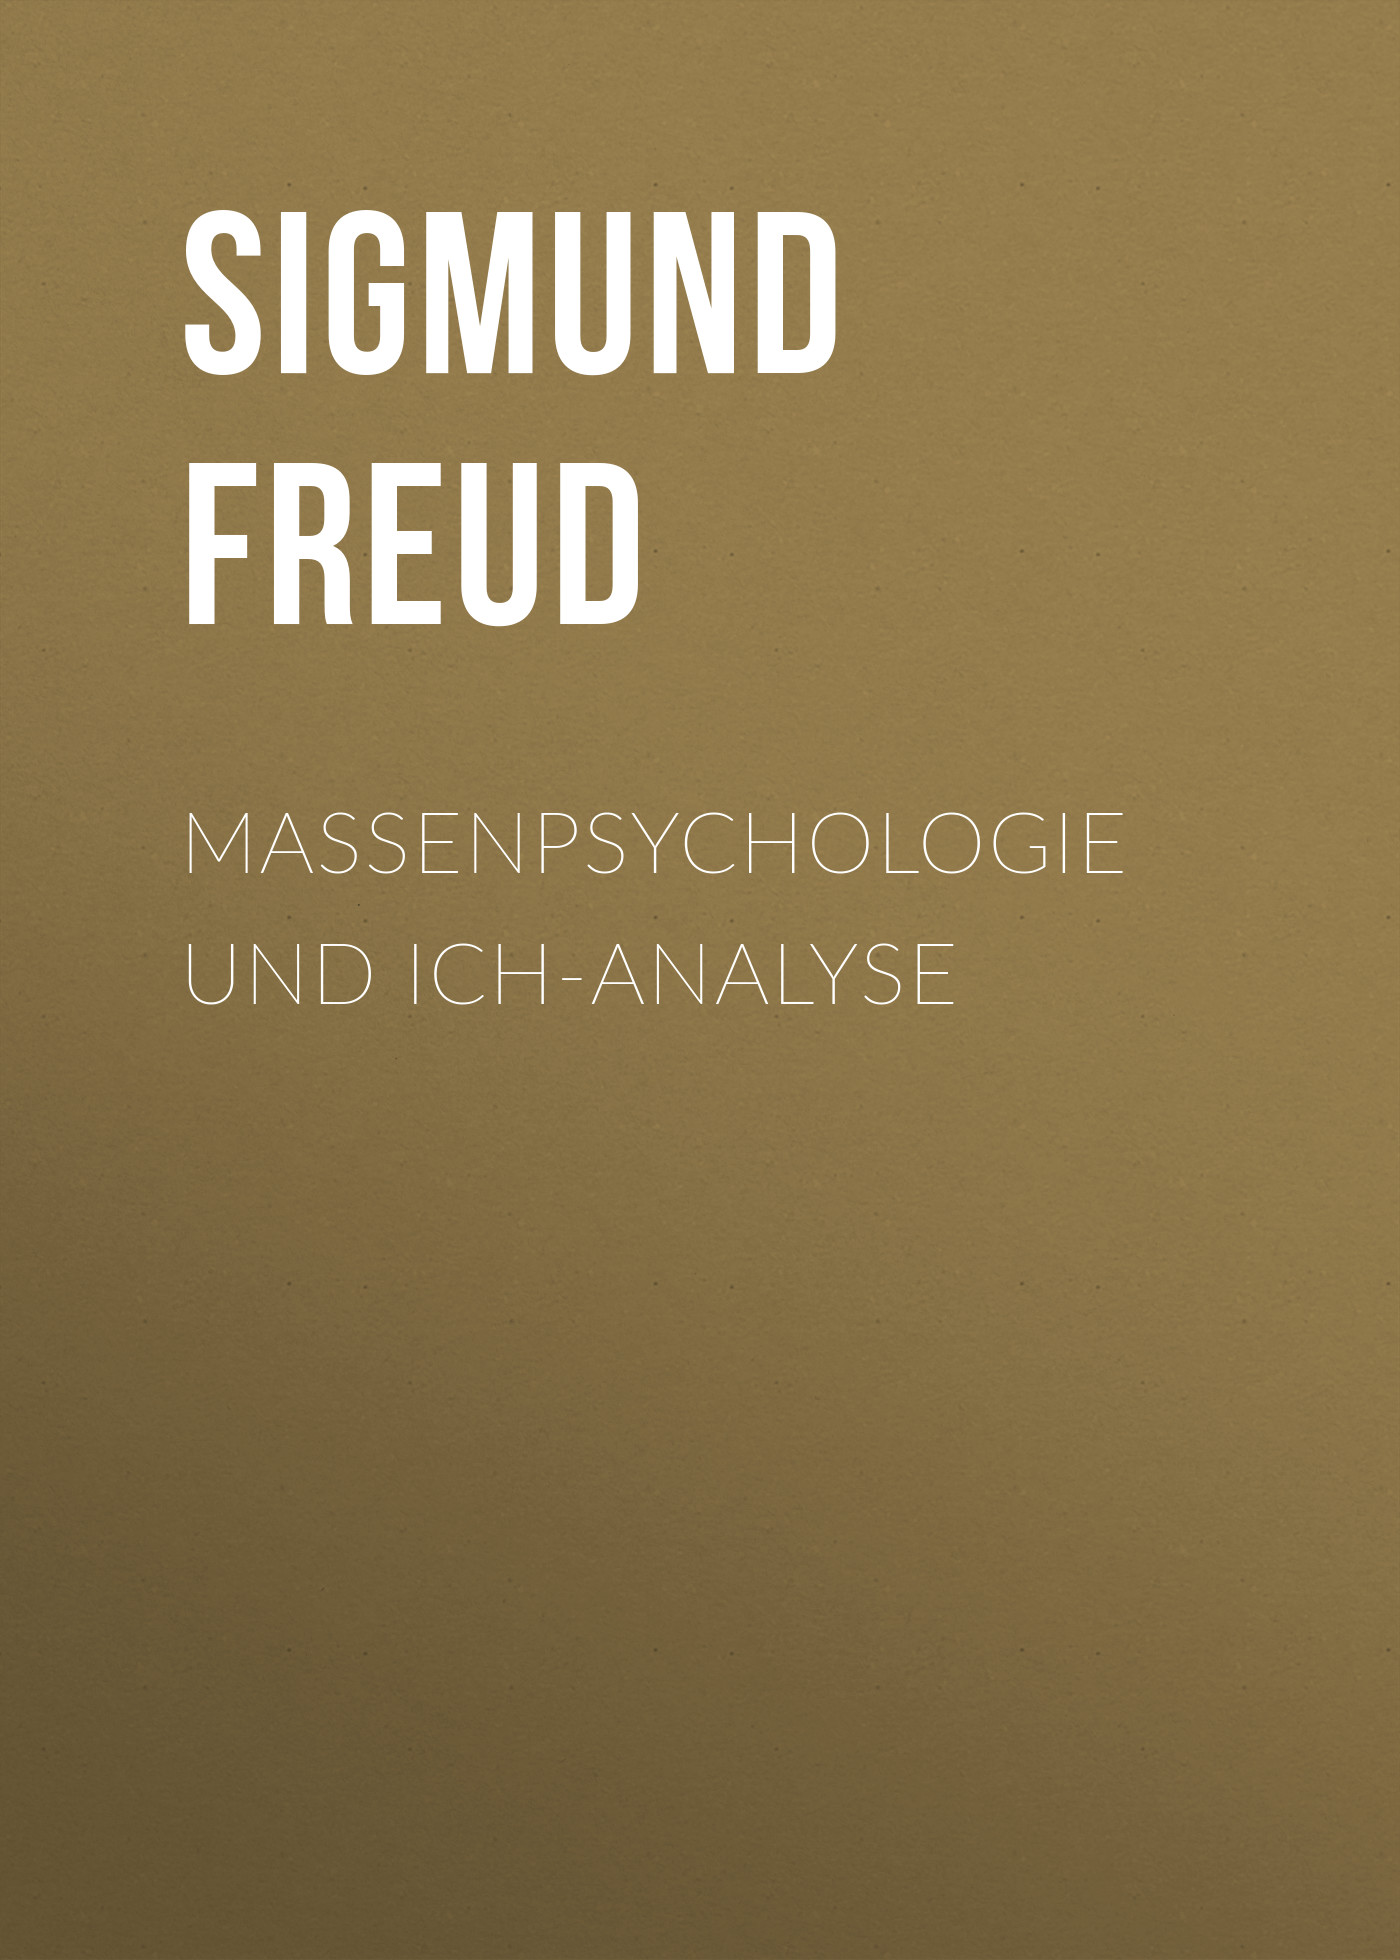 Зигмунд Фрейд Massenpsychologie und Ich-Analyse c graupner zweierlei bitt ich von dir gwv 1123 33